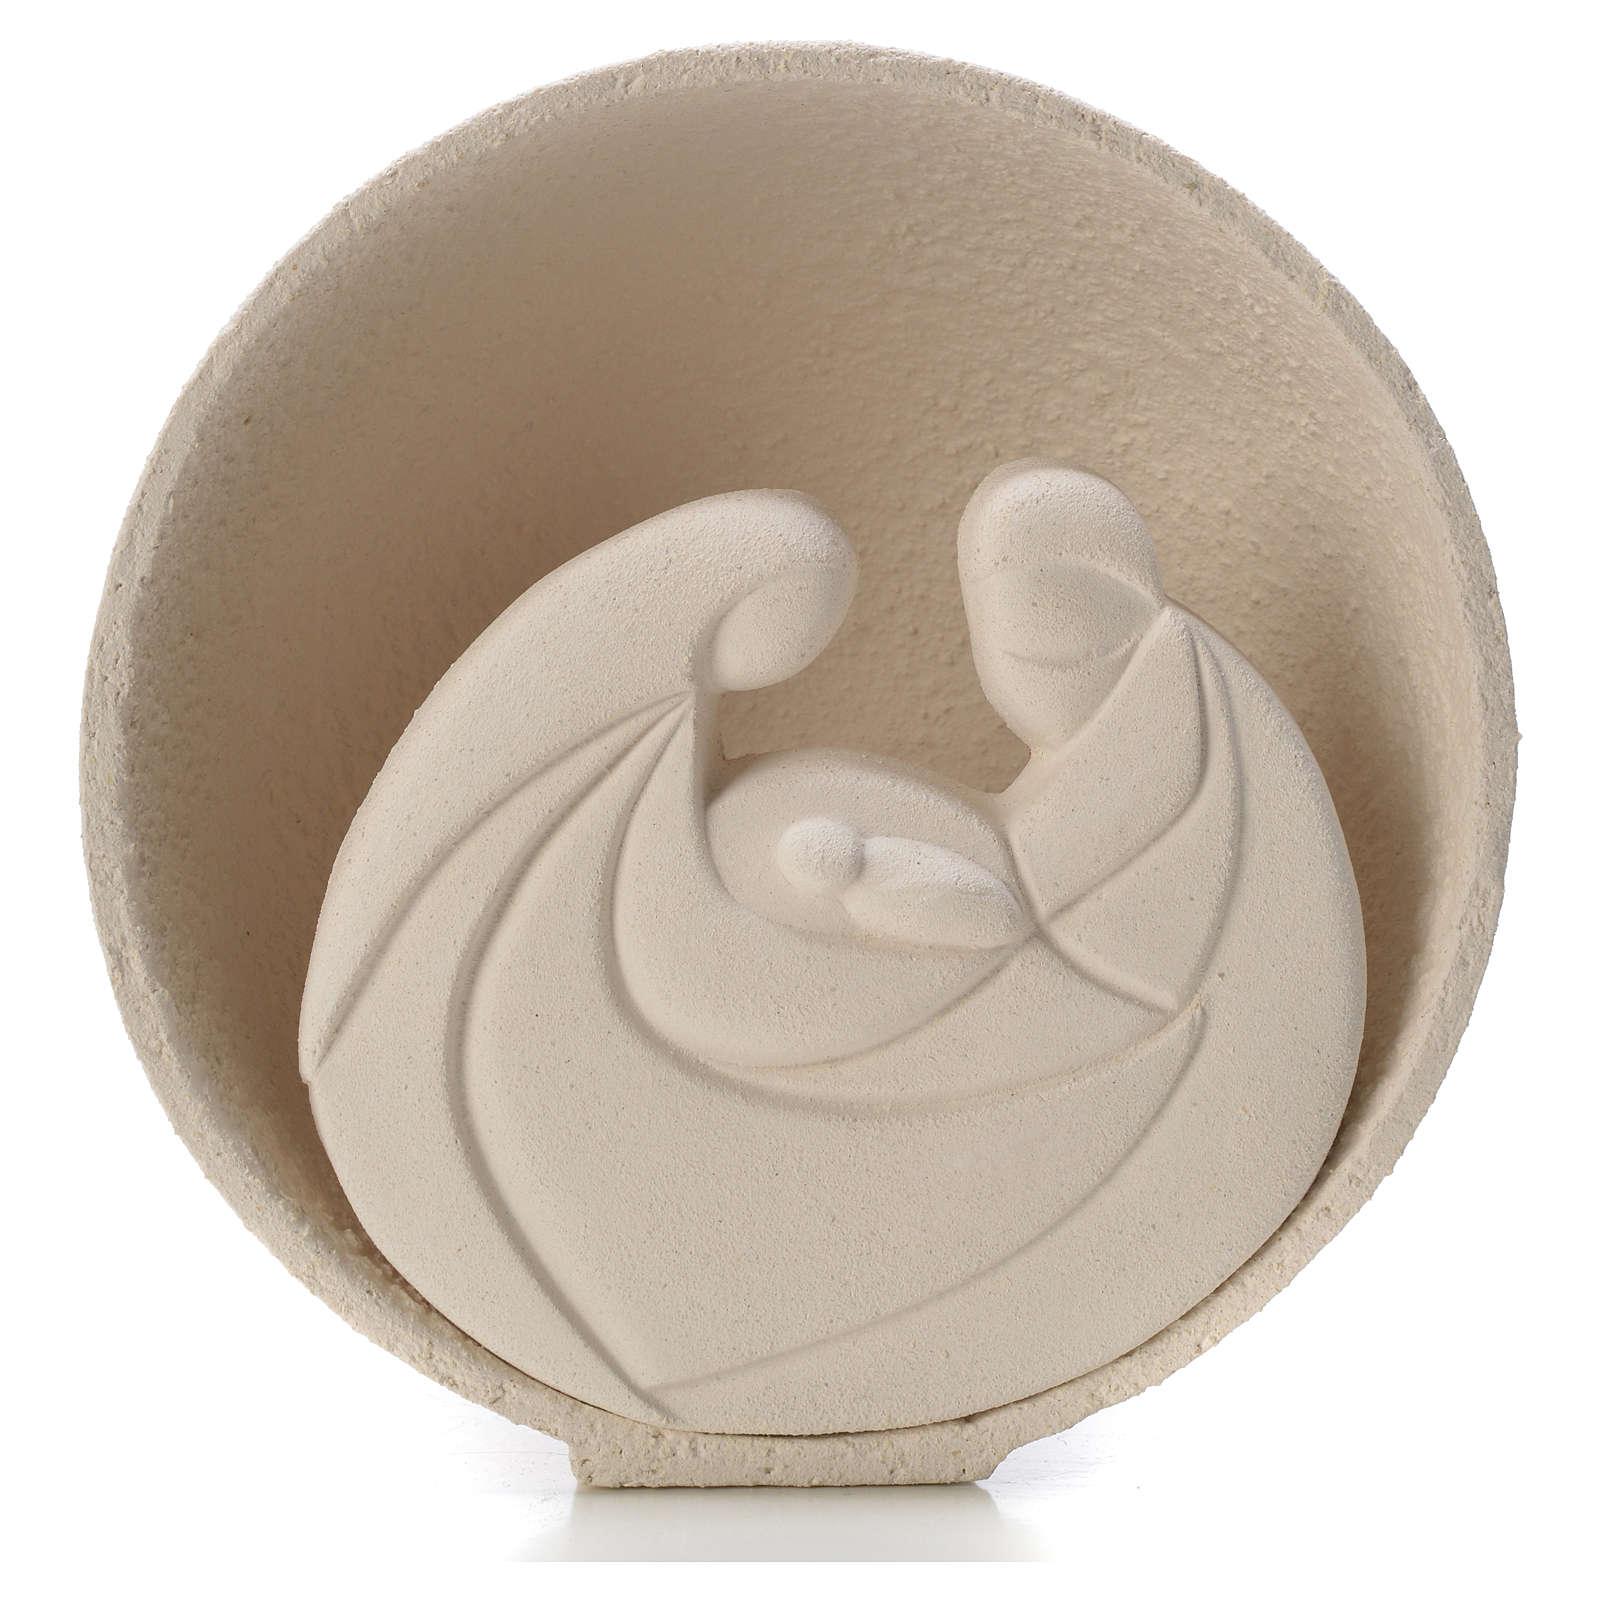 Presepe Perla 14,5 cm argilla refrattaria 3